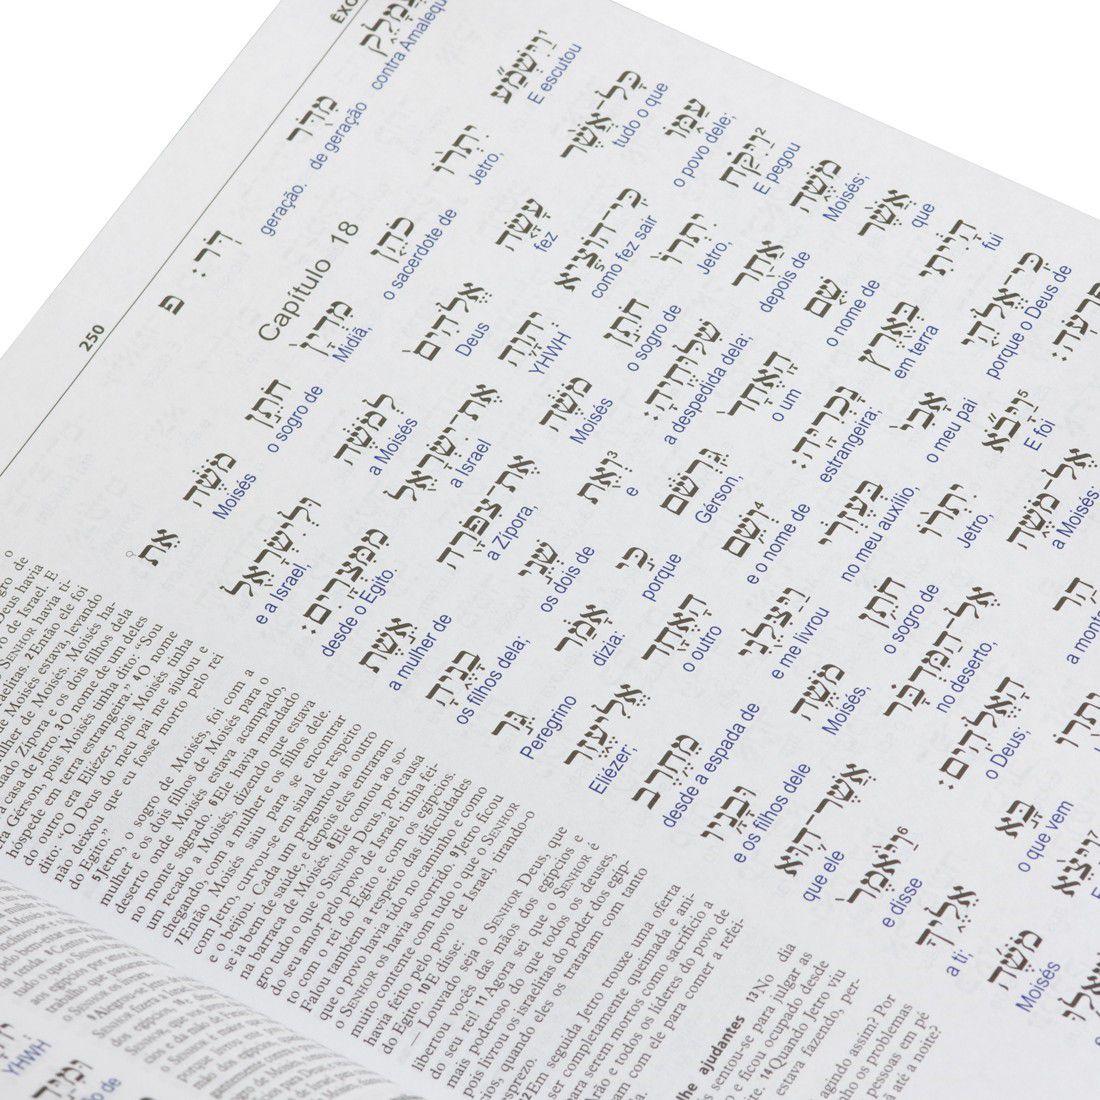 Livro Antigo Testamento Interlinear Hebraico-Português Volume 1